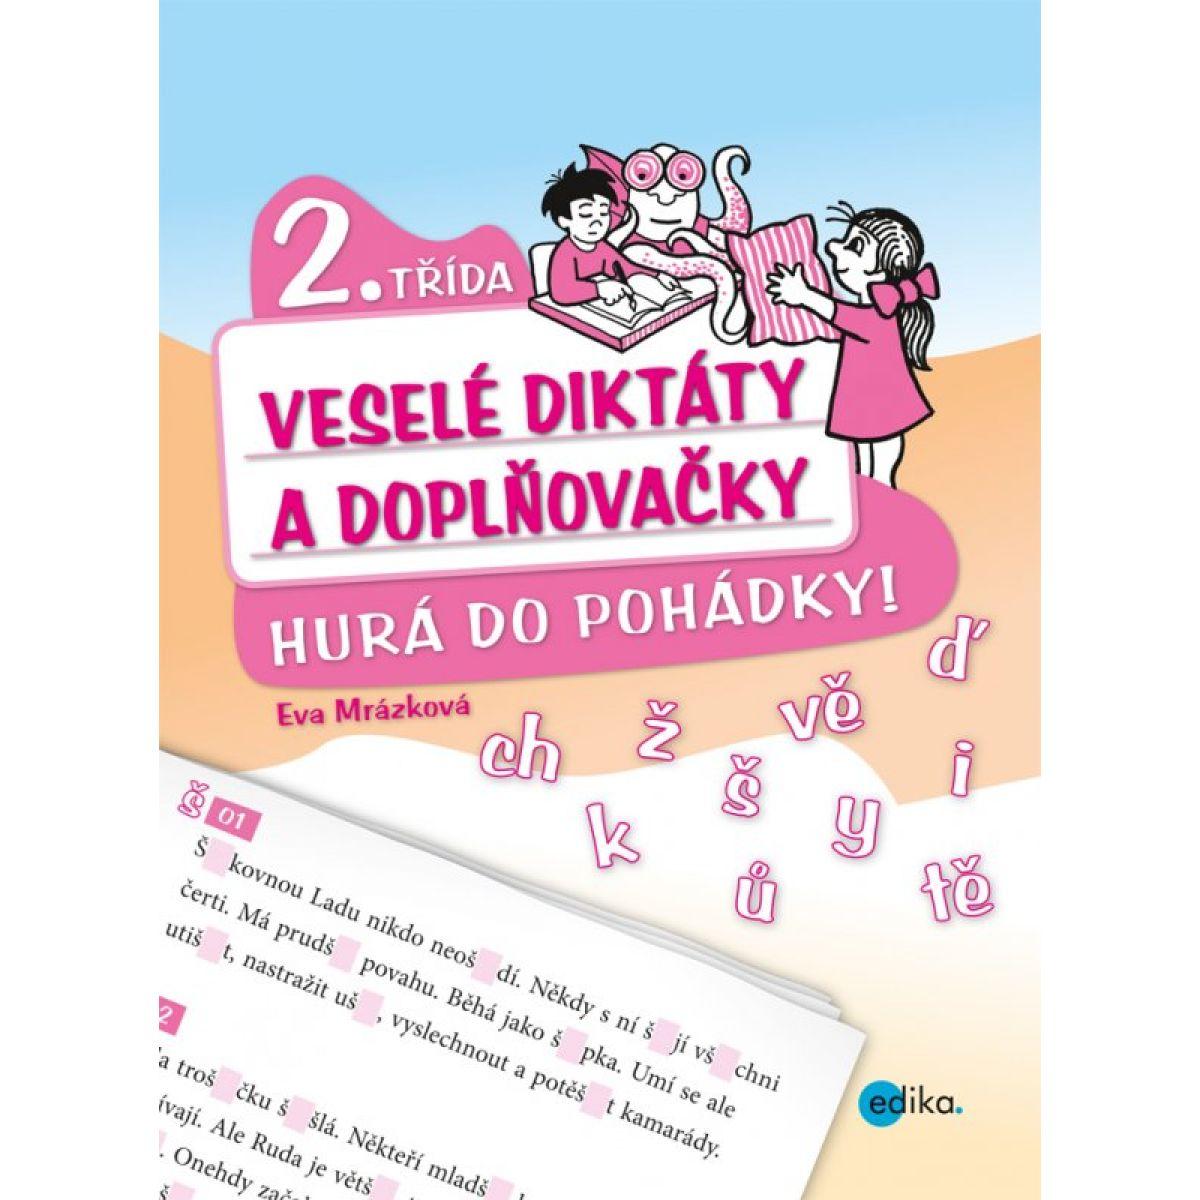 Edika Veselé diktáty a doplňovačky - Hurá do pohádky